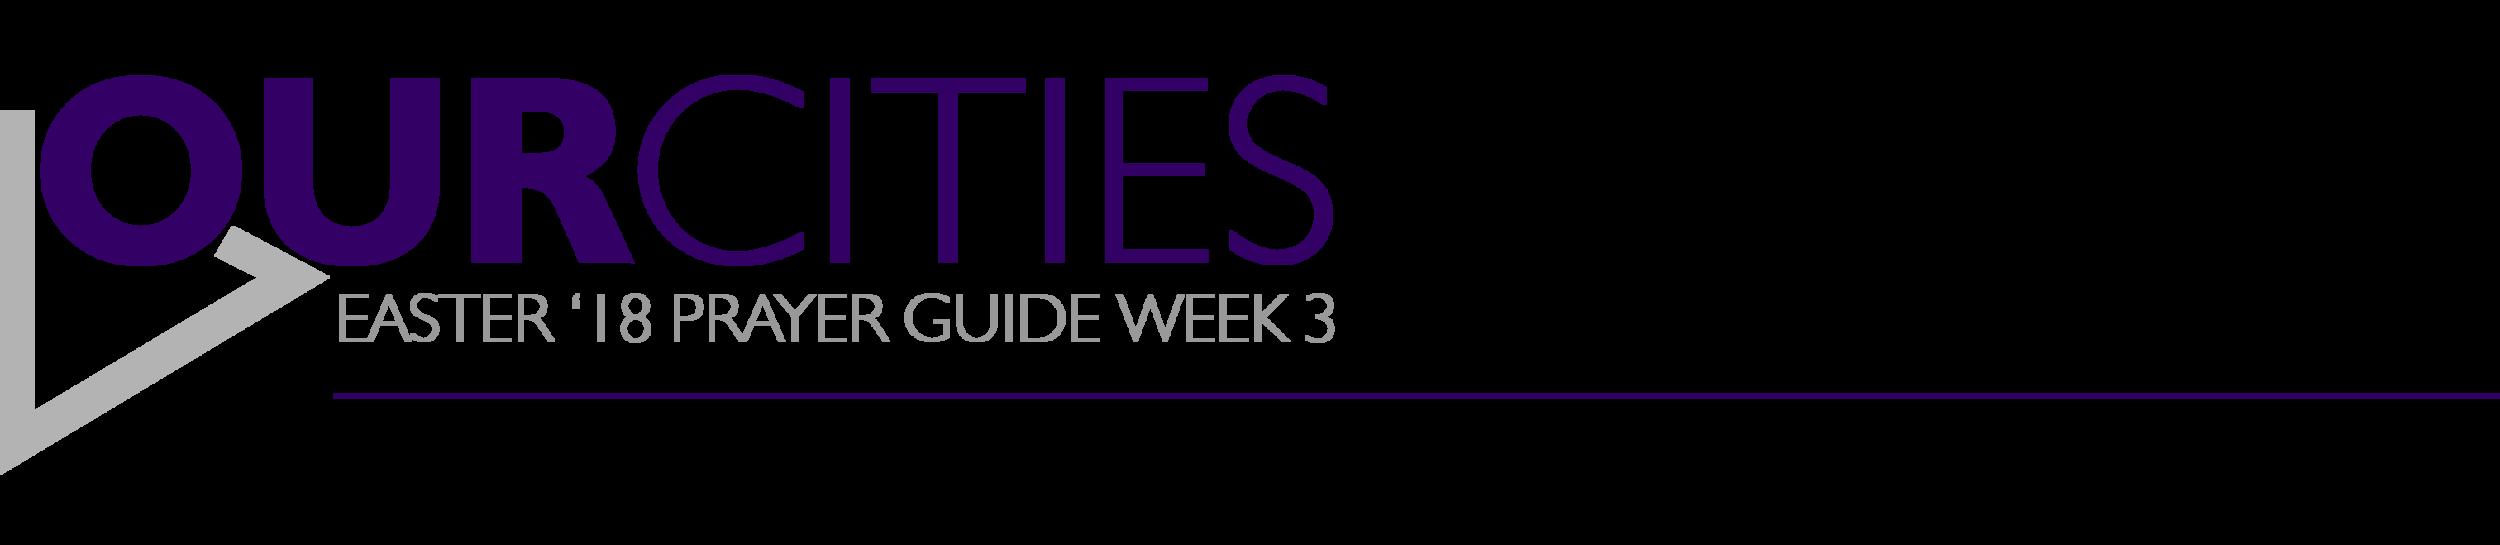 CC Week 3.png